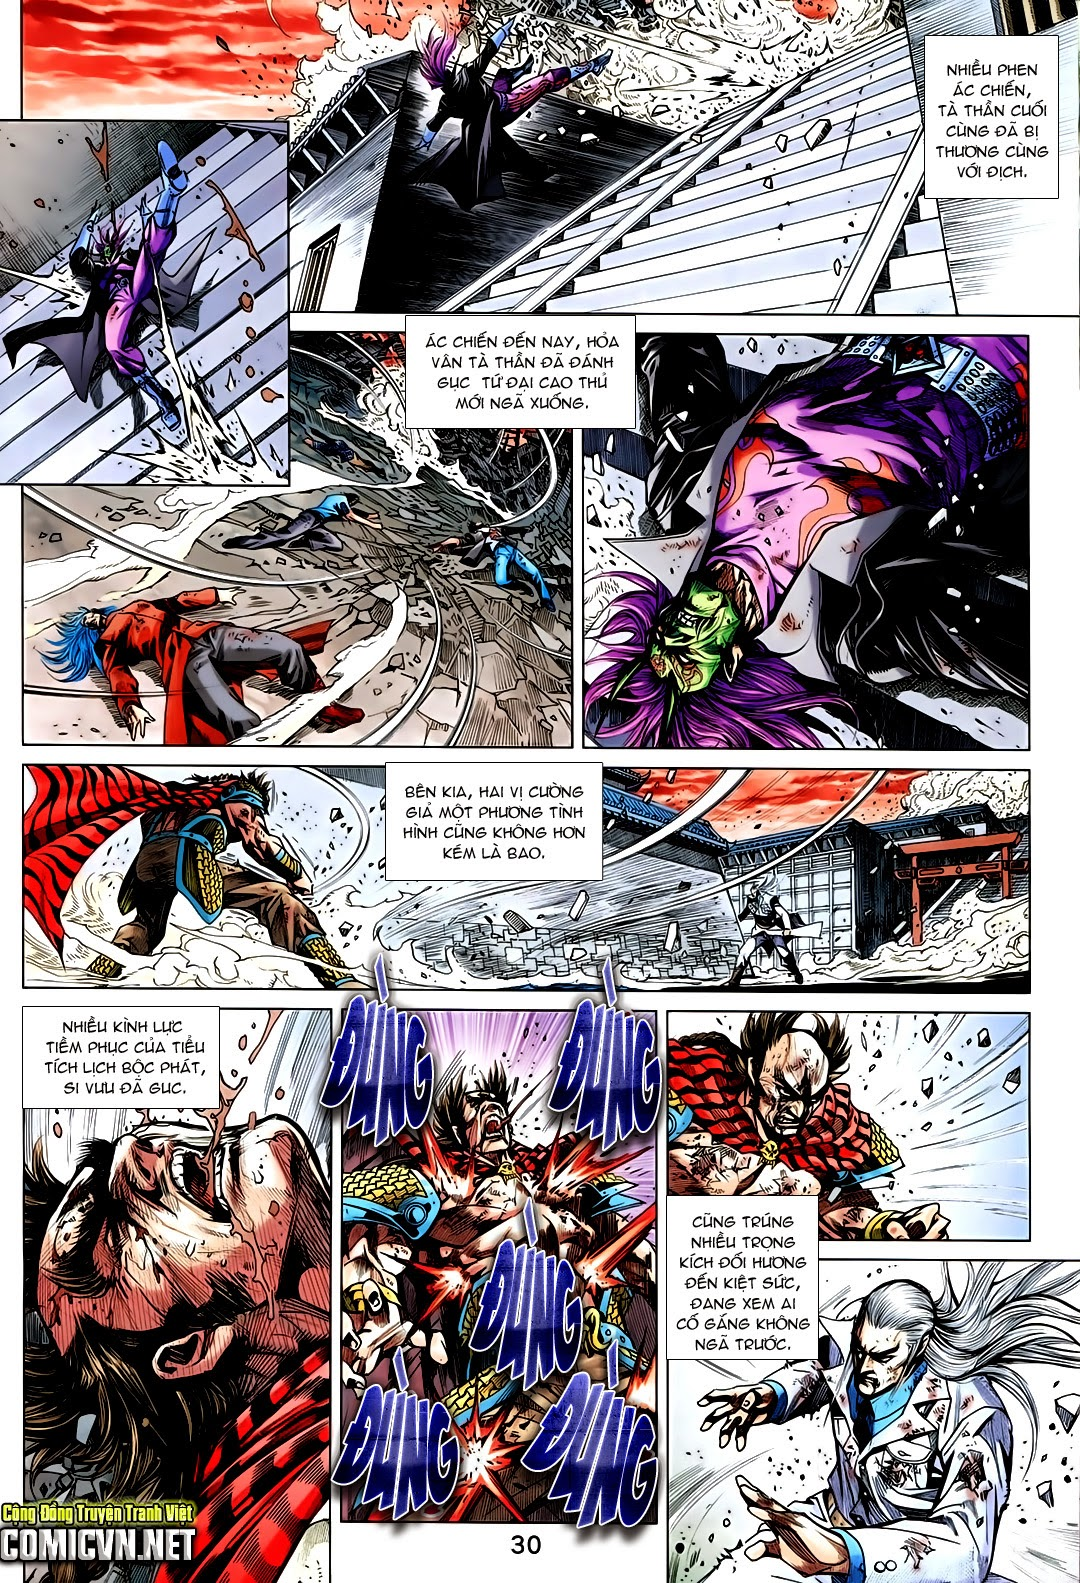 Tân Tác Long Hổ Môn trang 30